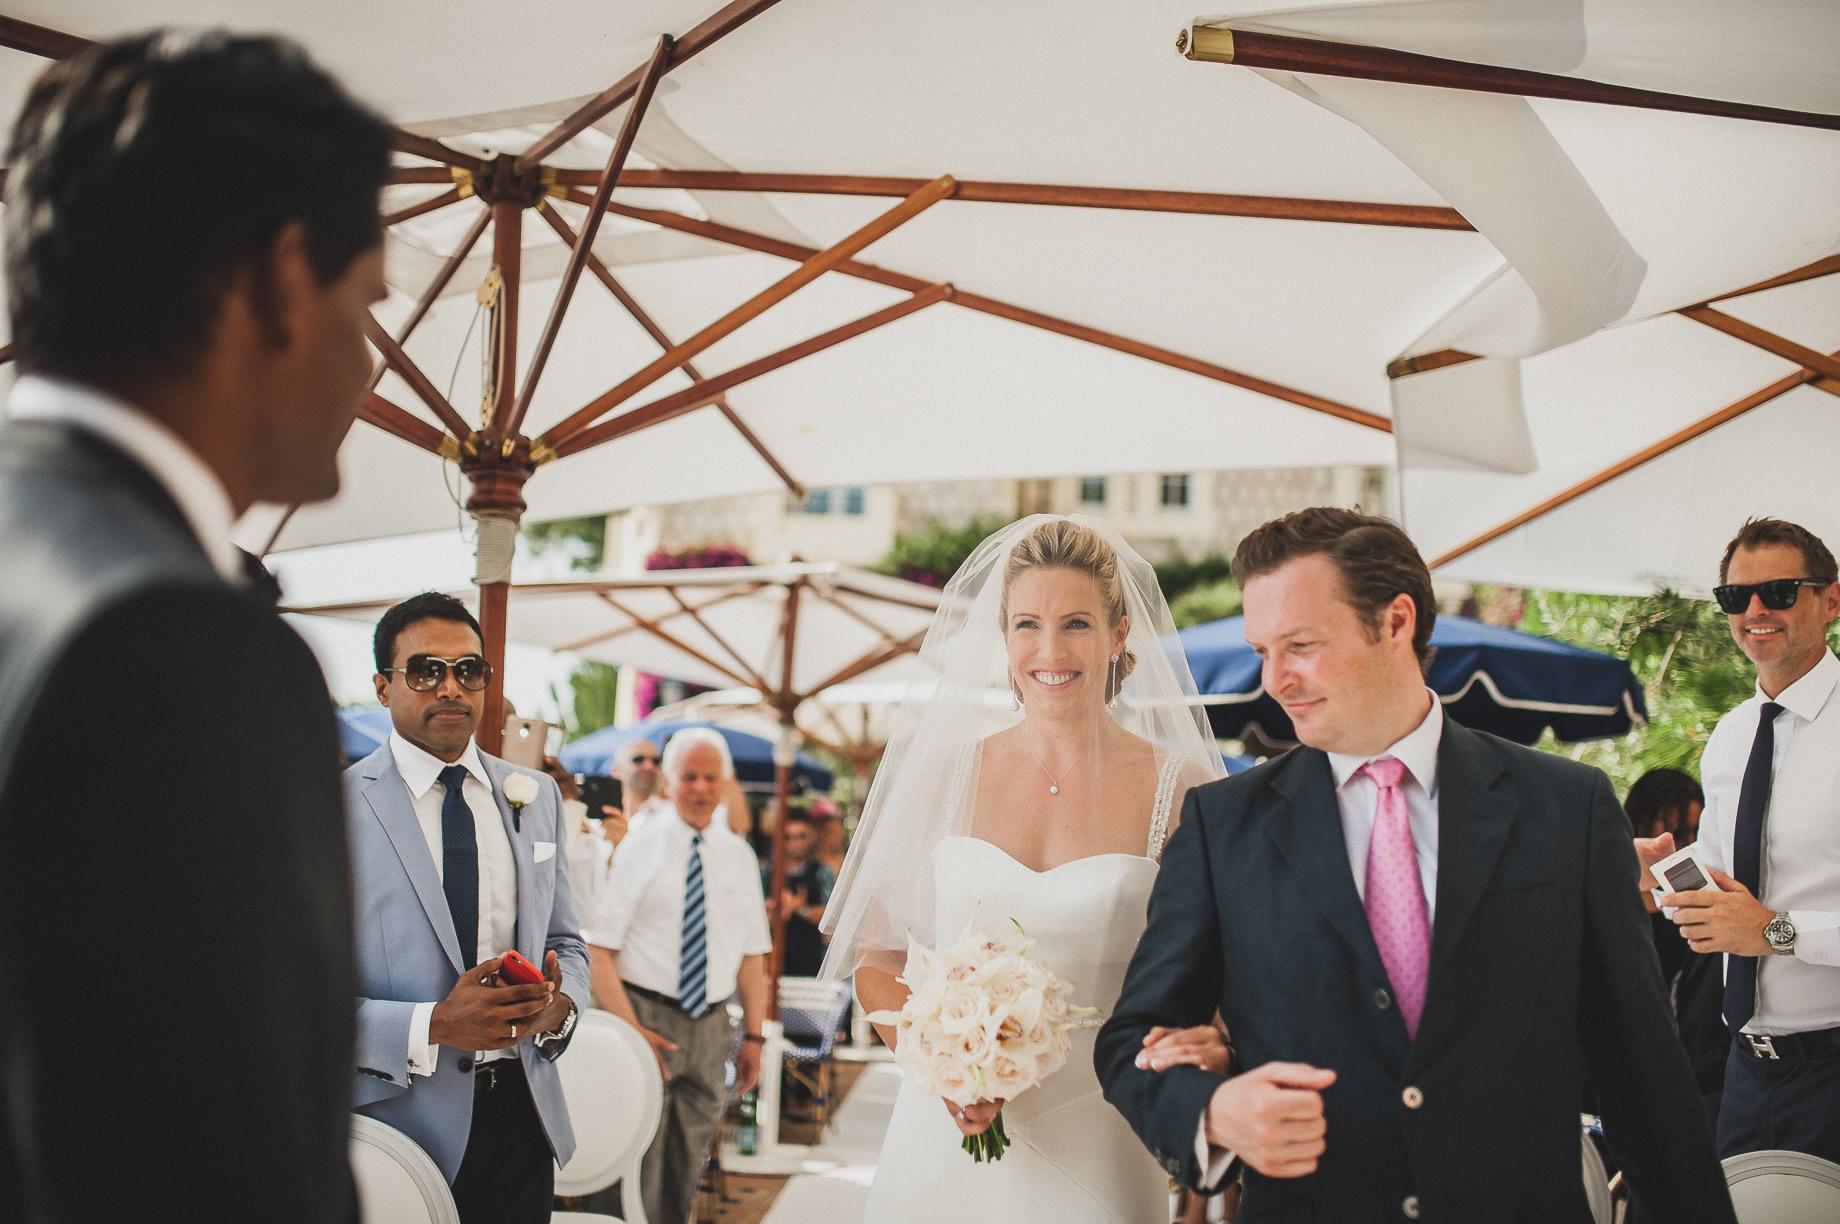 Jen and Priyan's Wedding at Hotel Belles Rives 085